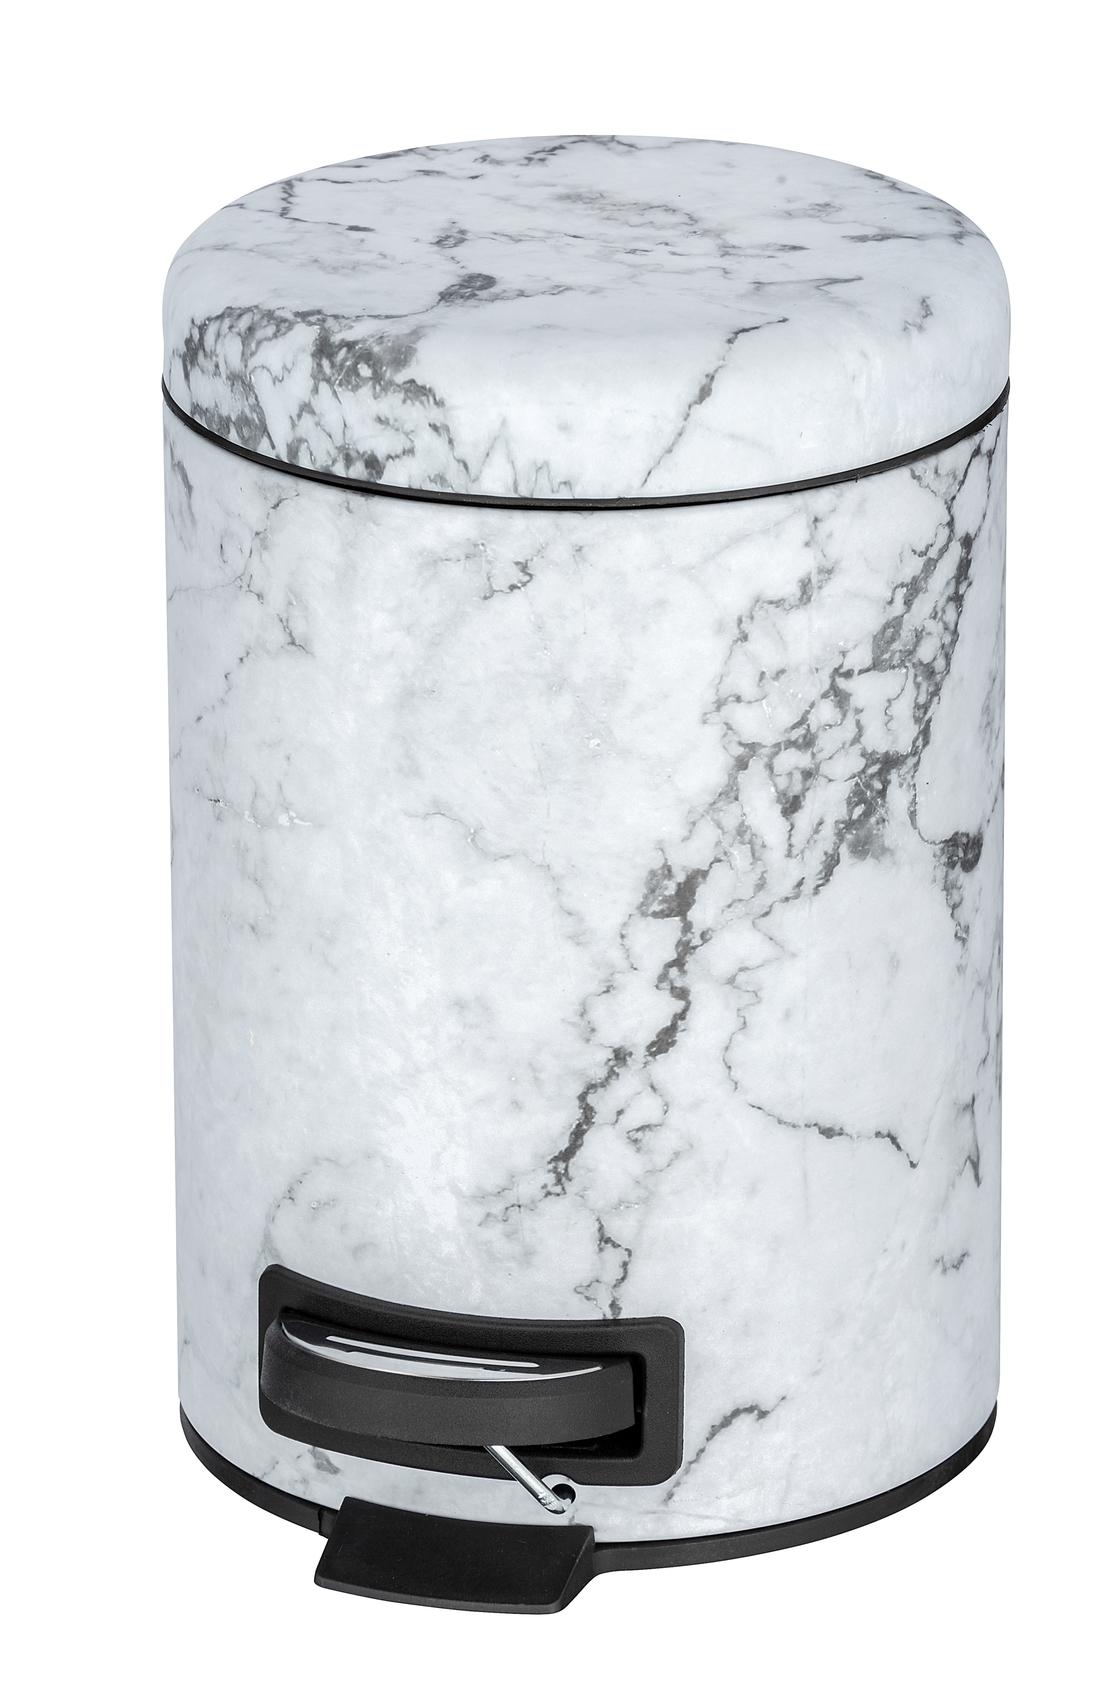 Cos de gunoi cu pedala, din otel inoxidabil, Onyx Alb / Negru, 3L, Ø17xH25 cm imagine